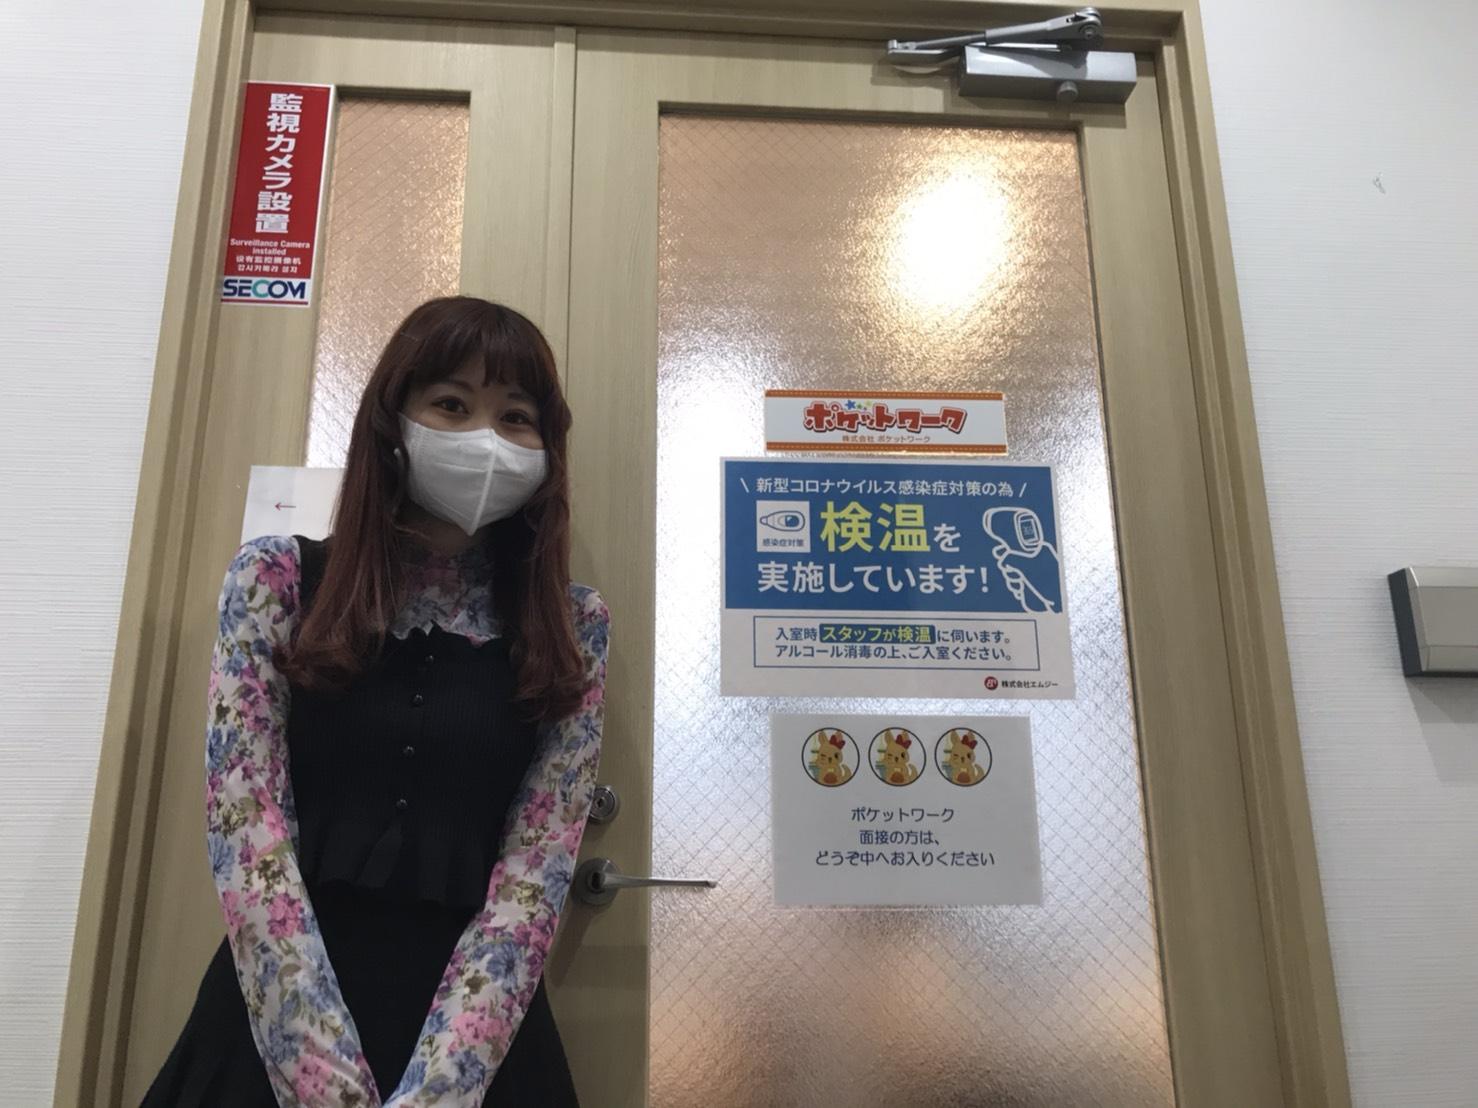 ポケットワーク新宿事務所